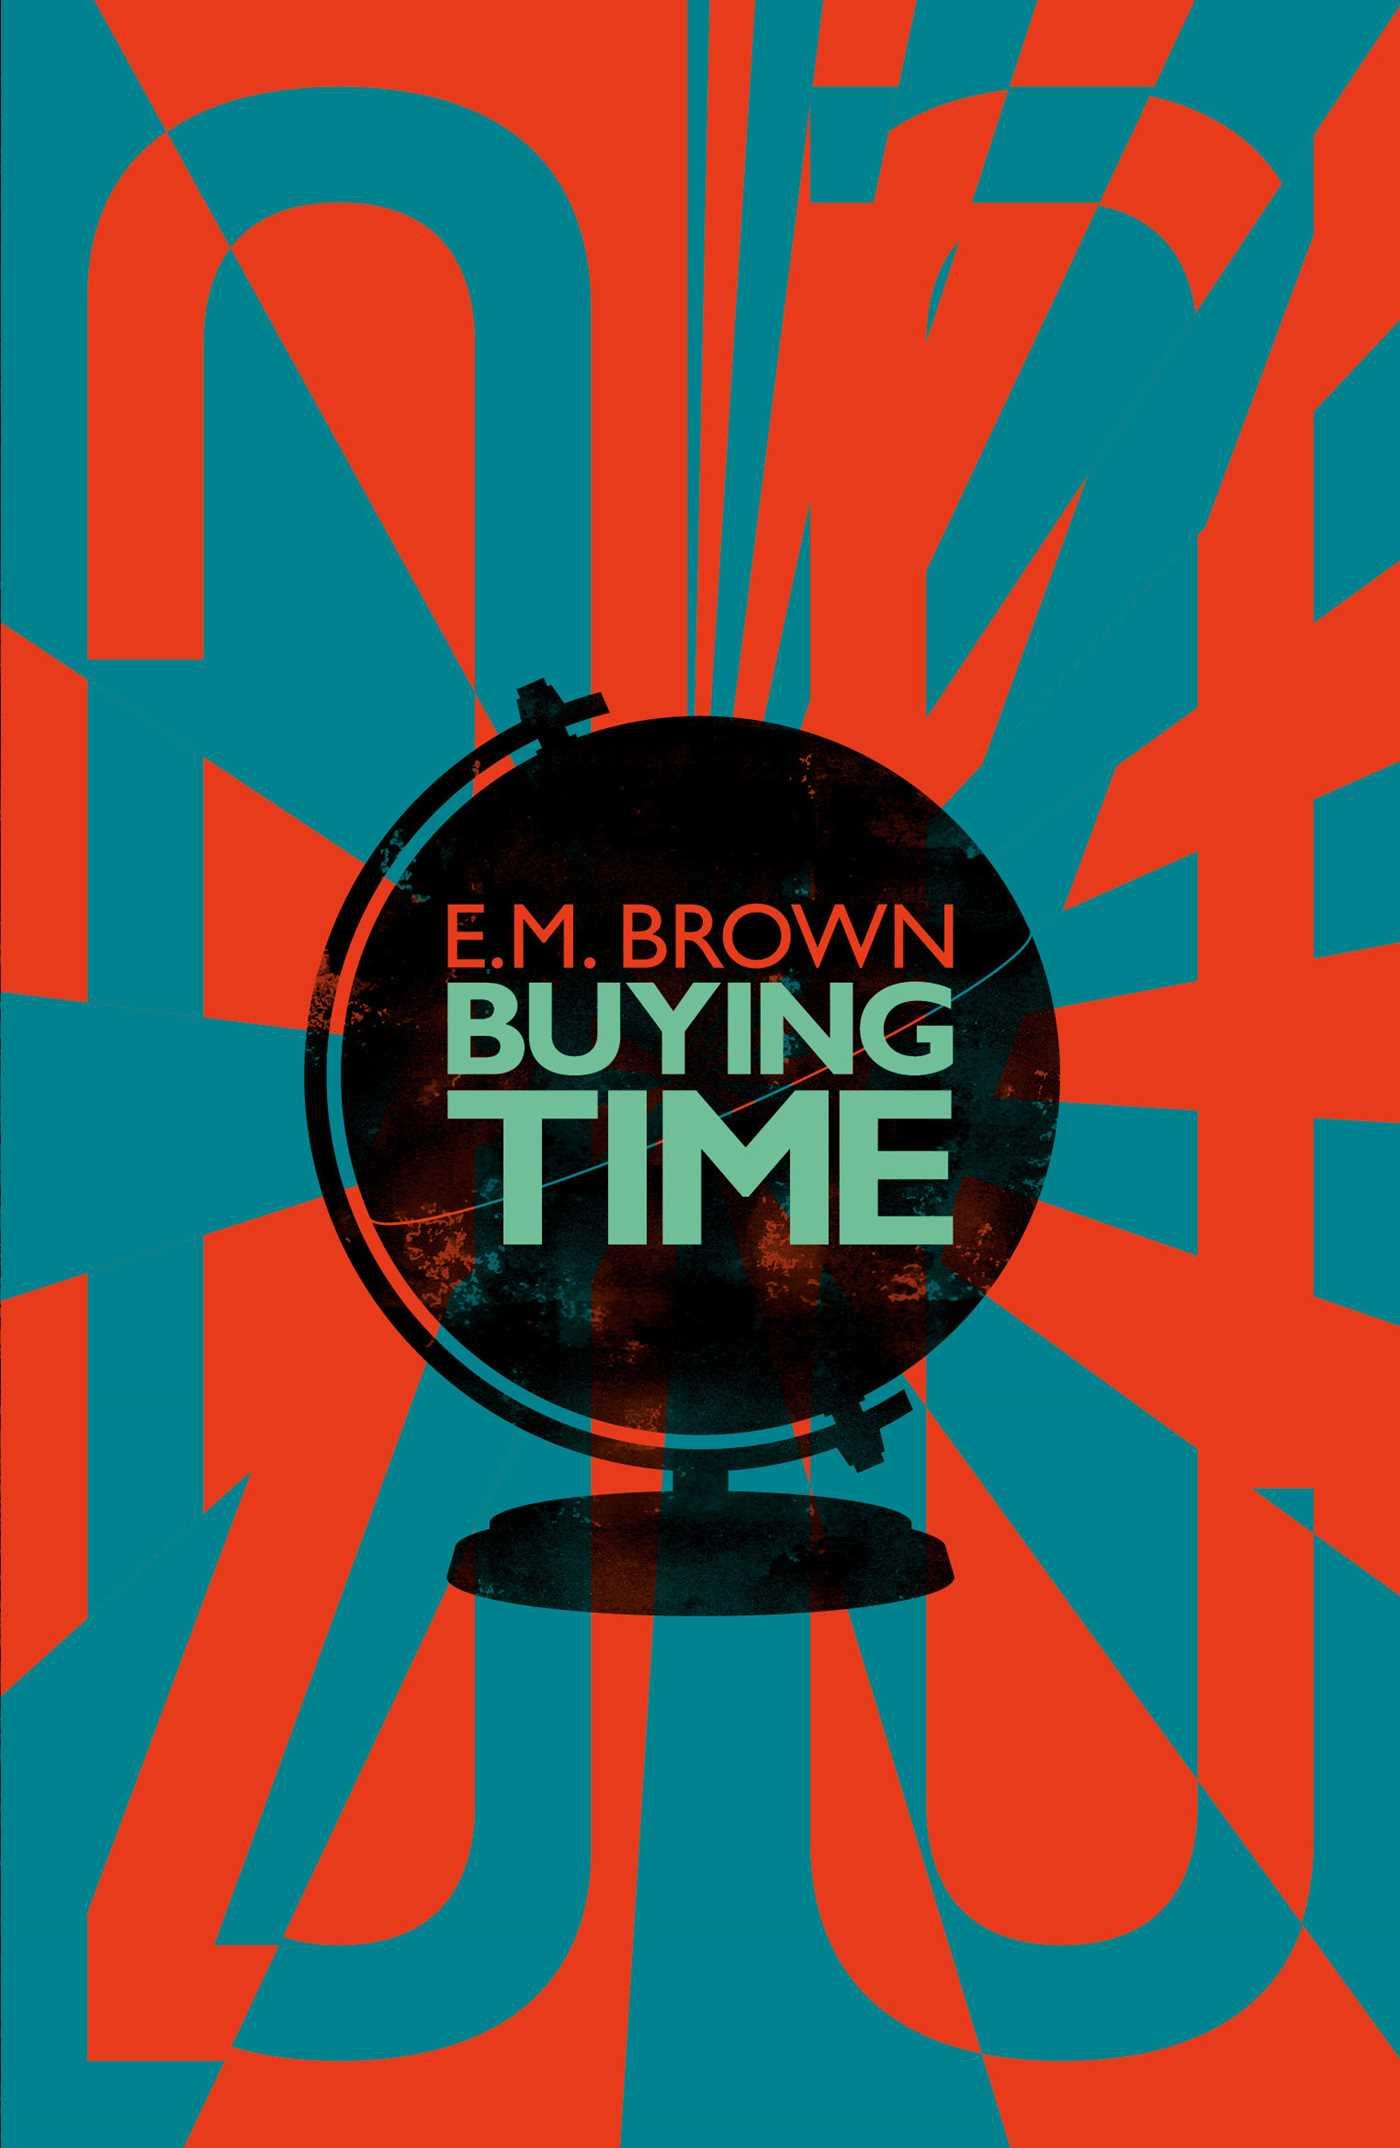 buying-time-9781781085080_hr.jpg